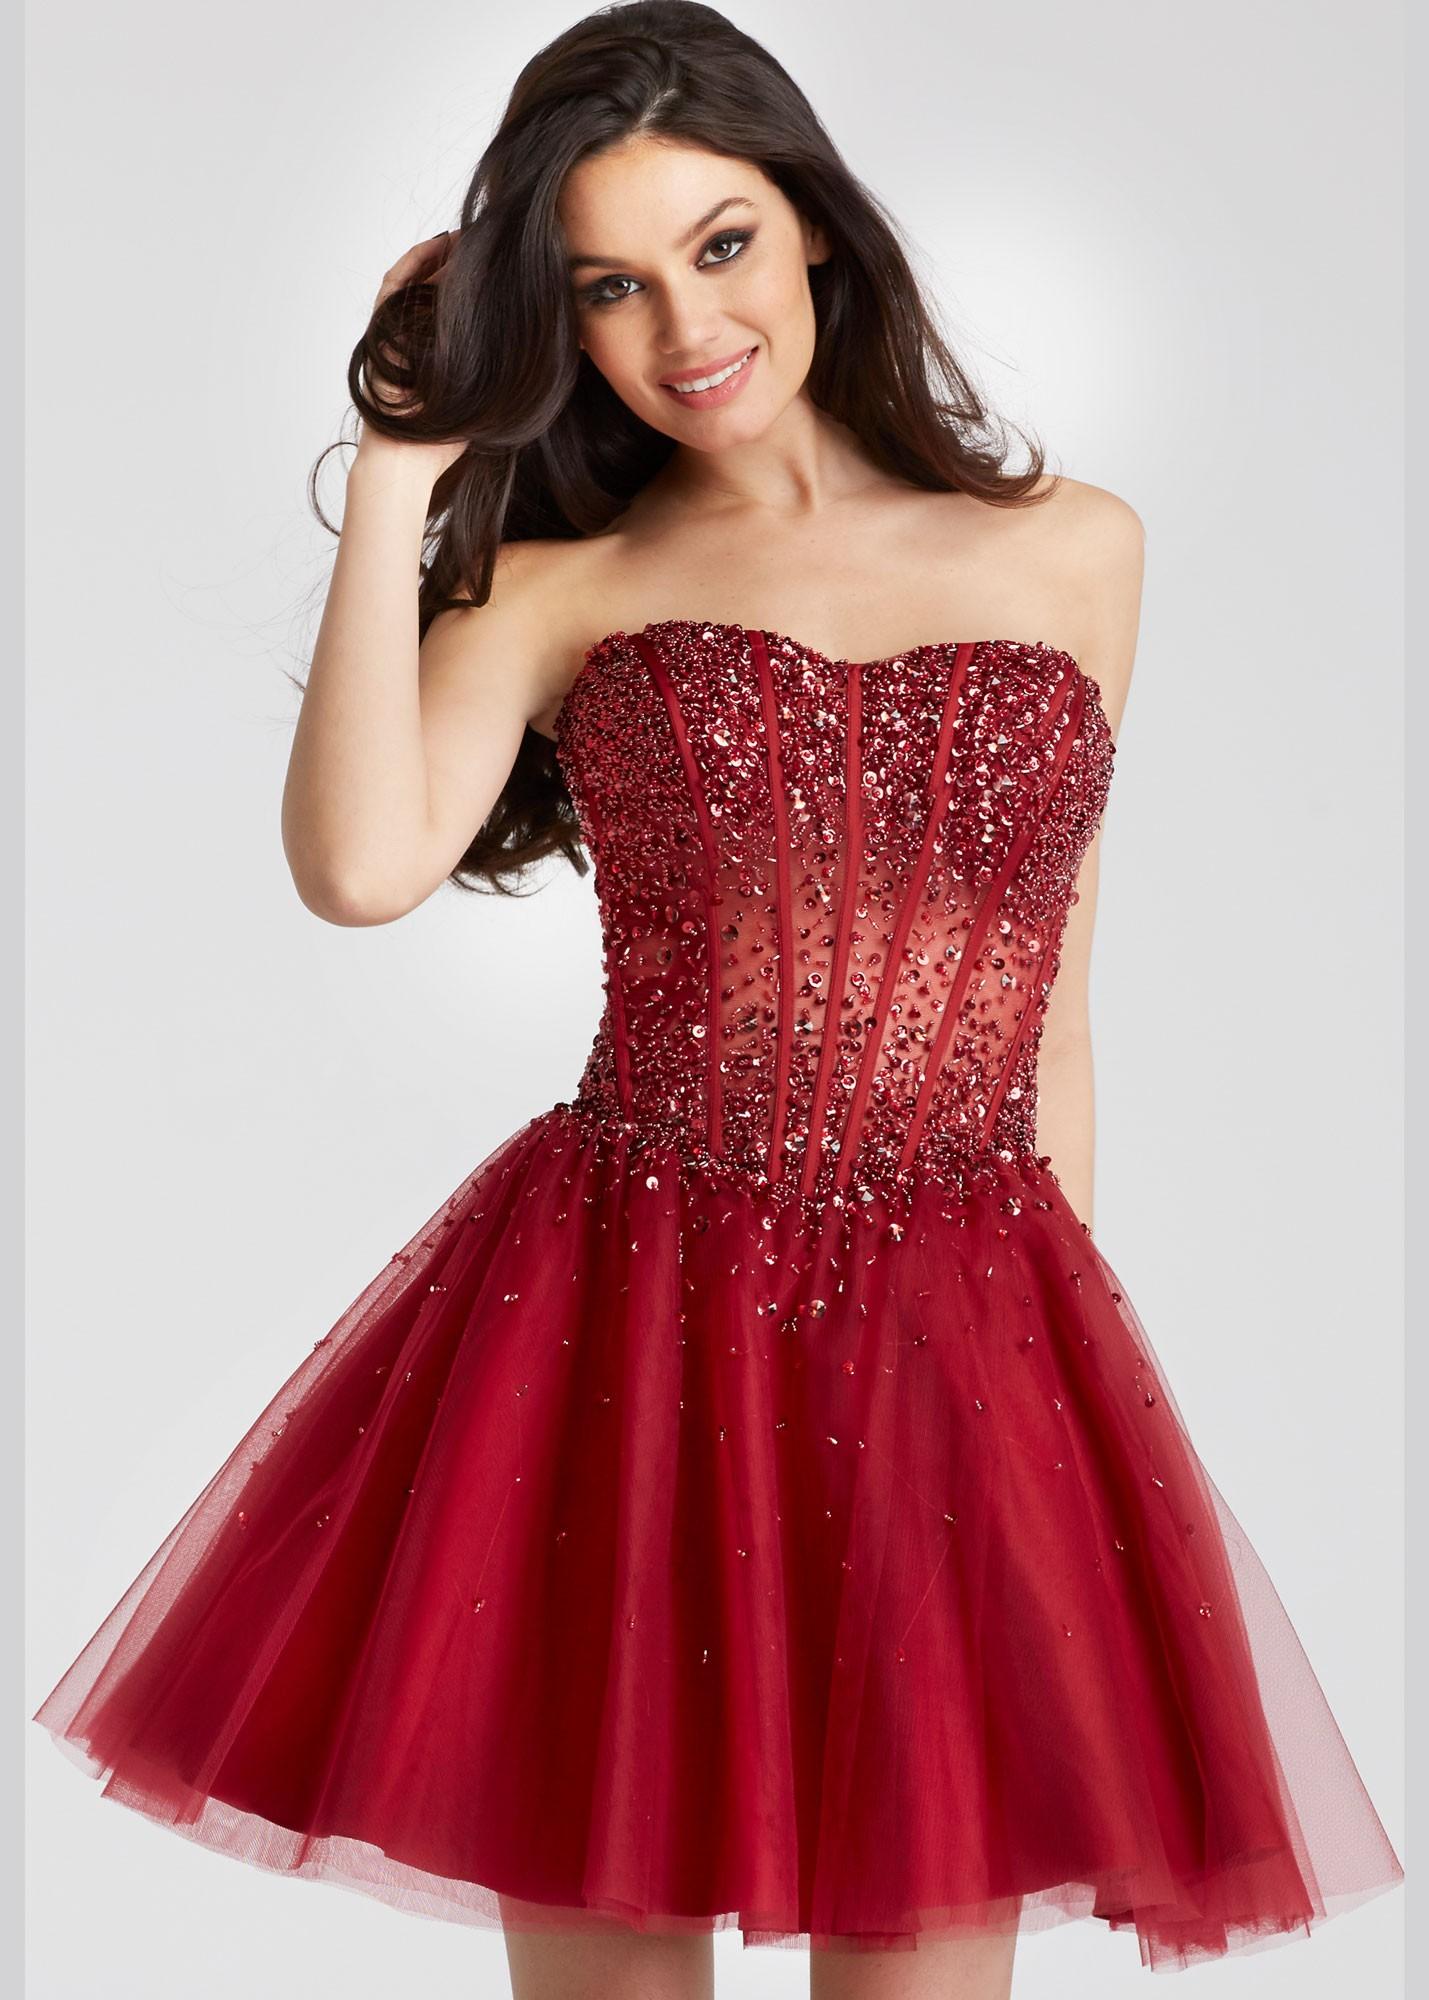 b02722c7de0e Jovani 55142 Beaded Sheer Corset Party Dress | RissyRoos.com